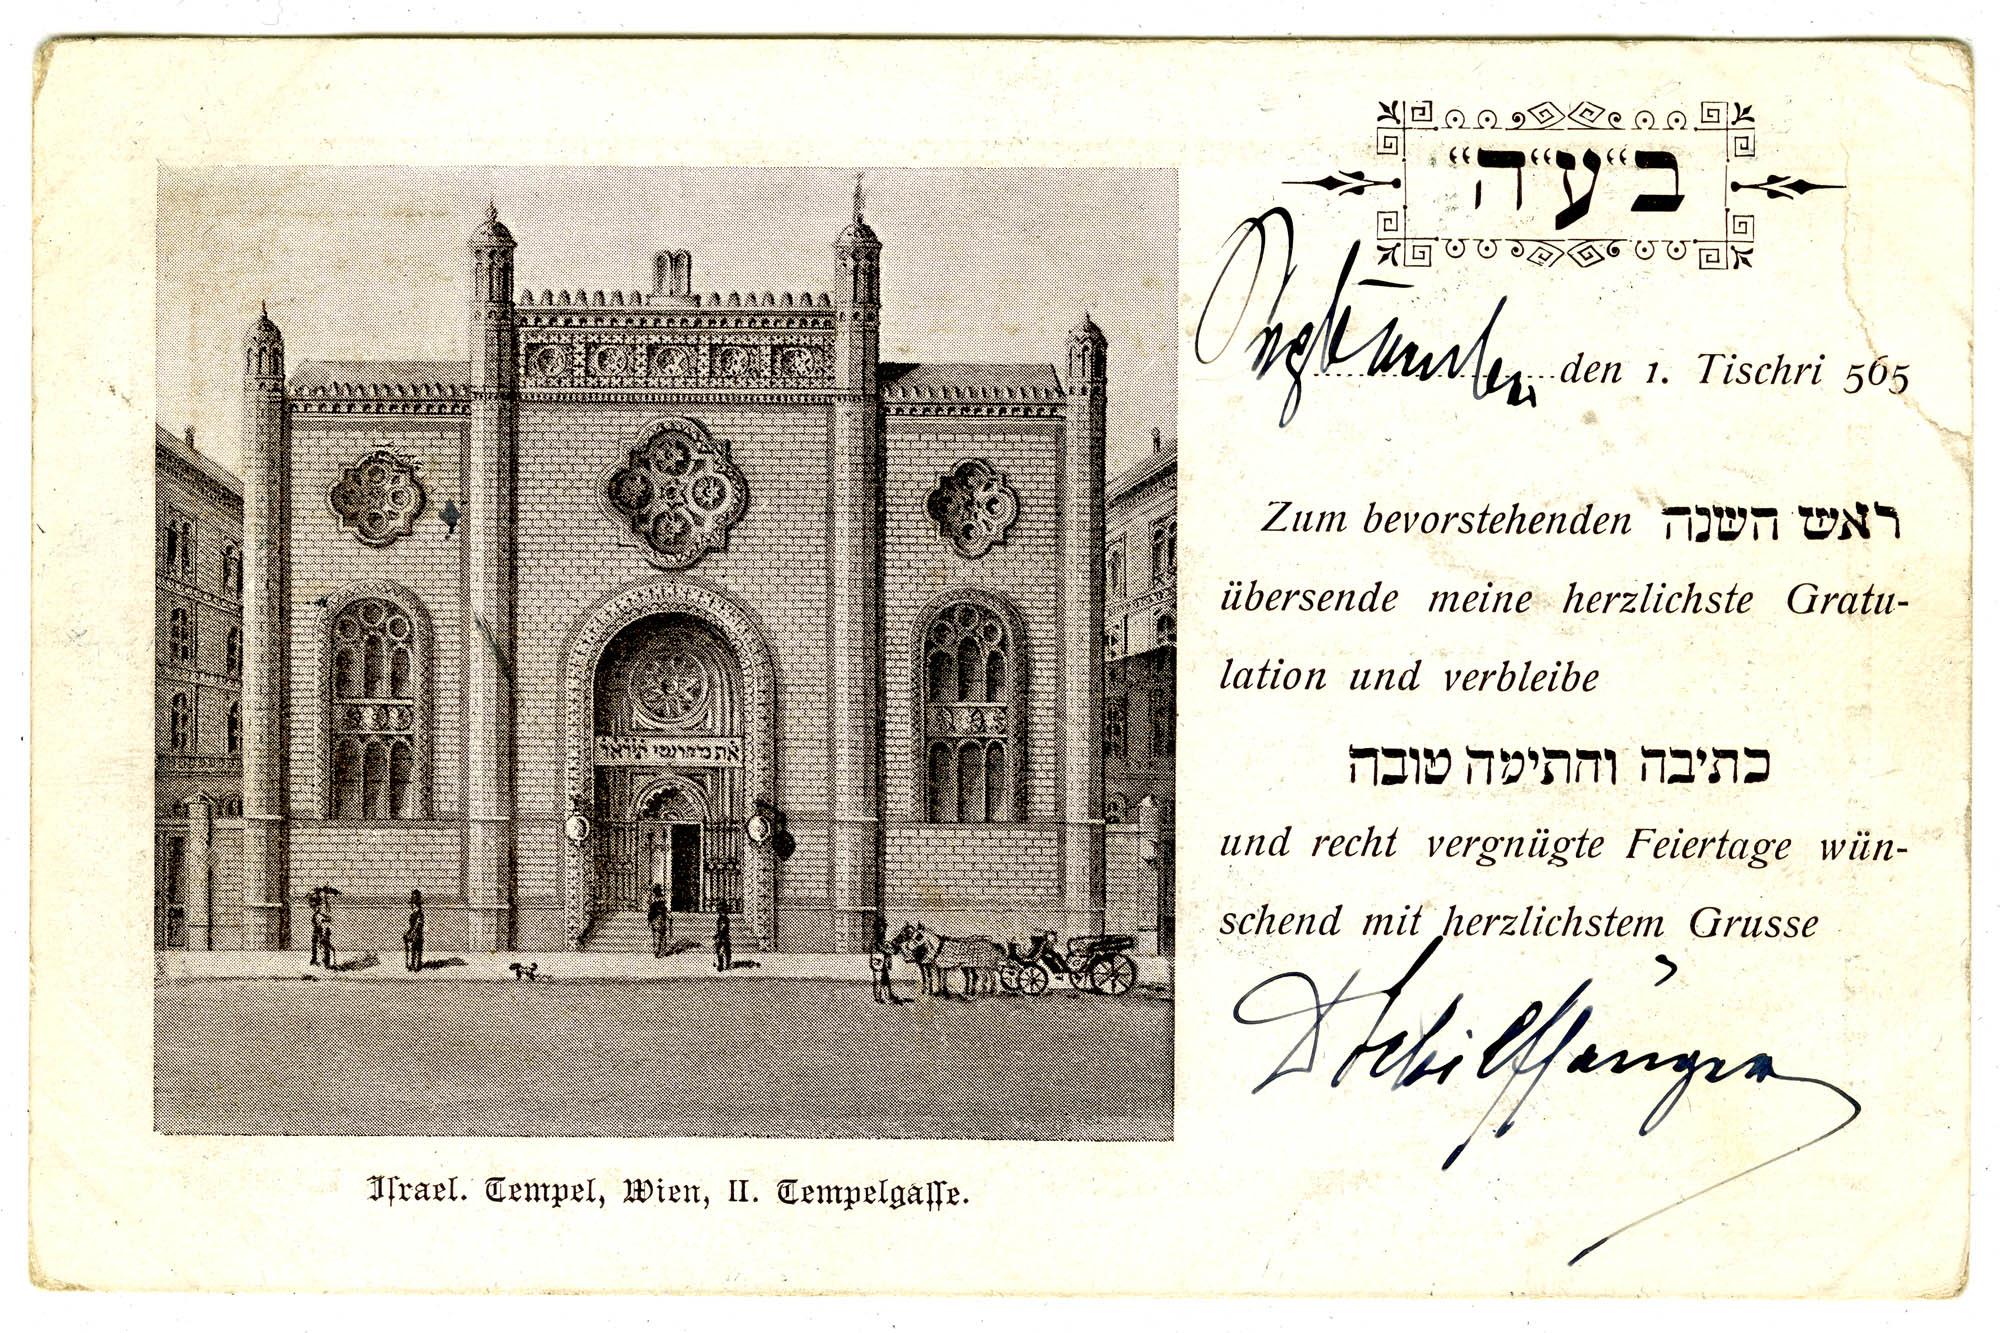 Israel. Tempel, Wien, II. Tempelgasse.